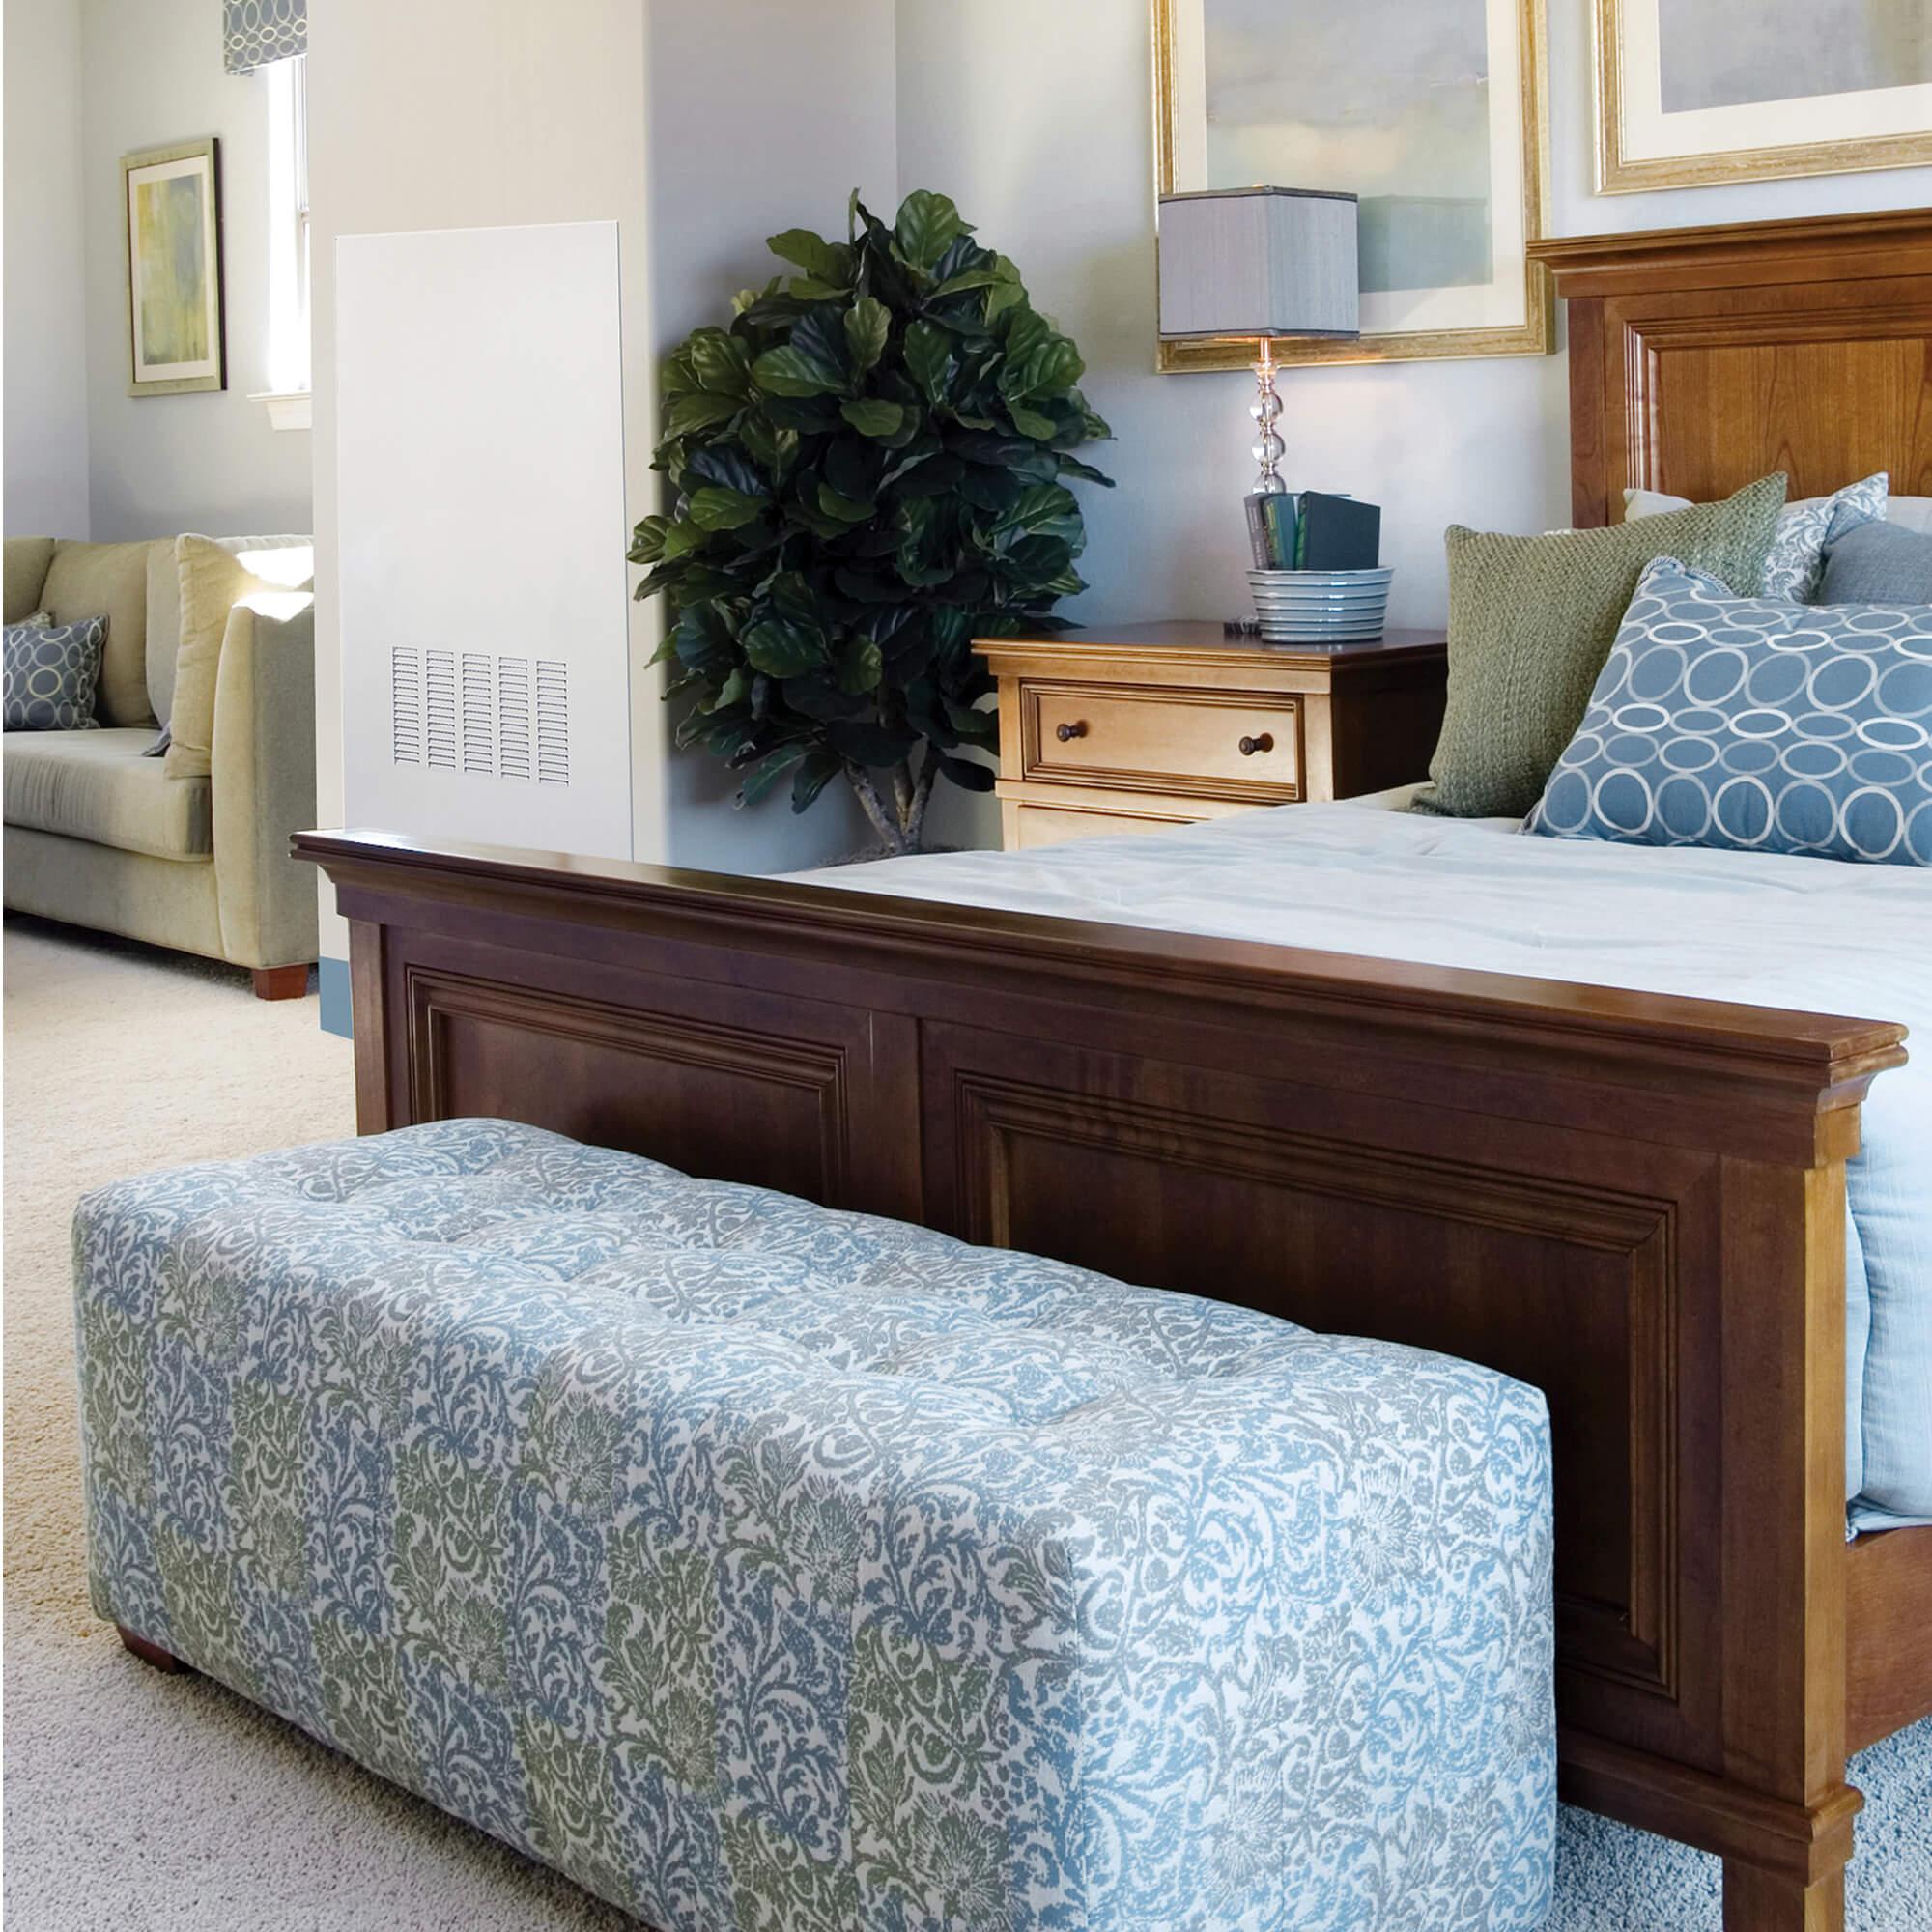 Vert-I-Pak-_bedroom_blue_scene_2000